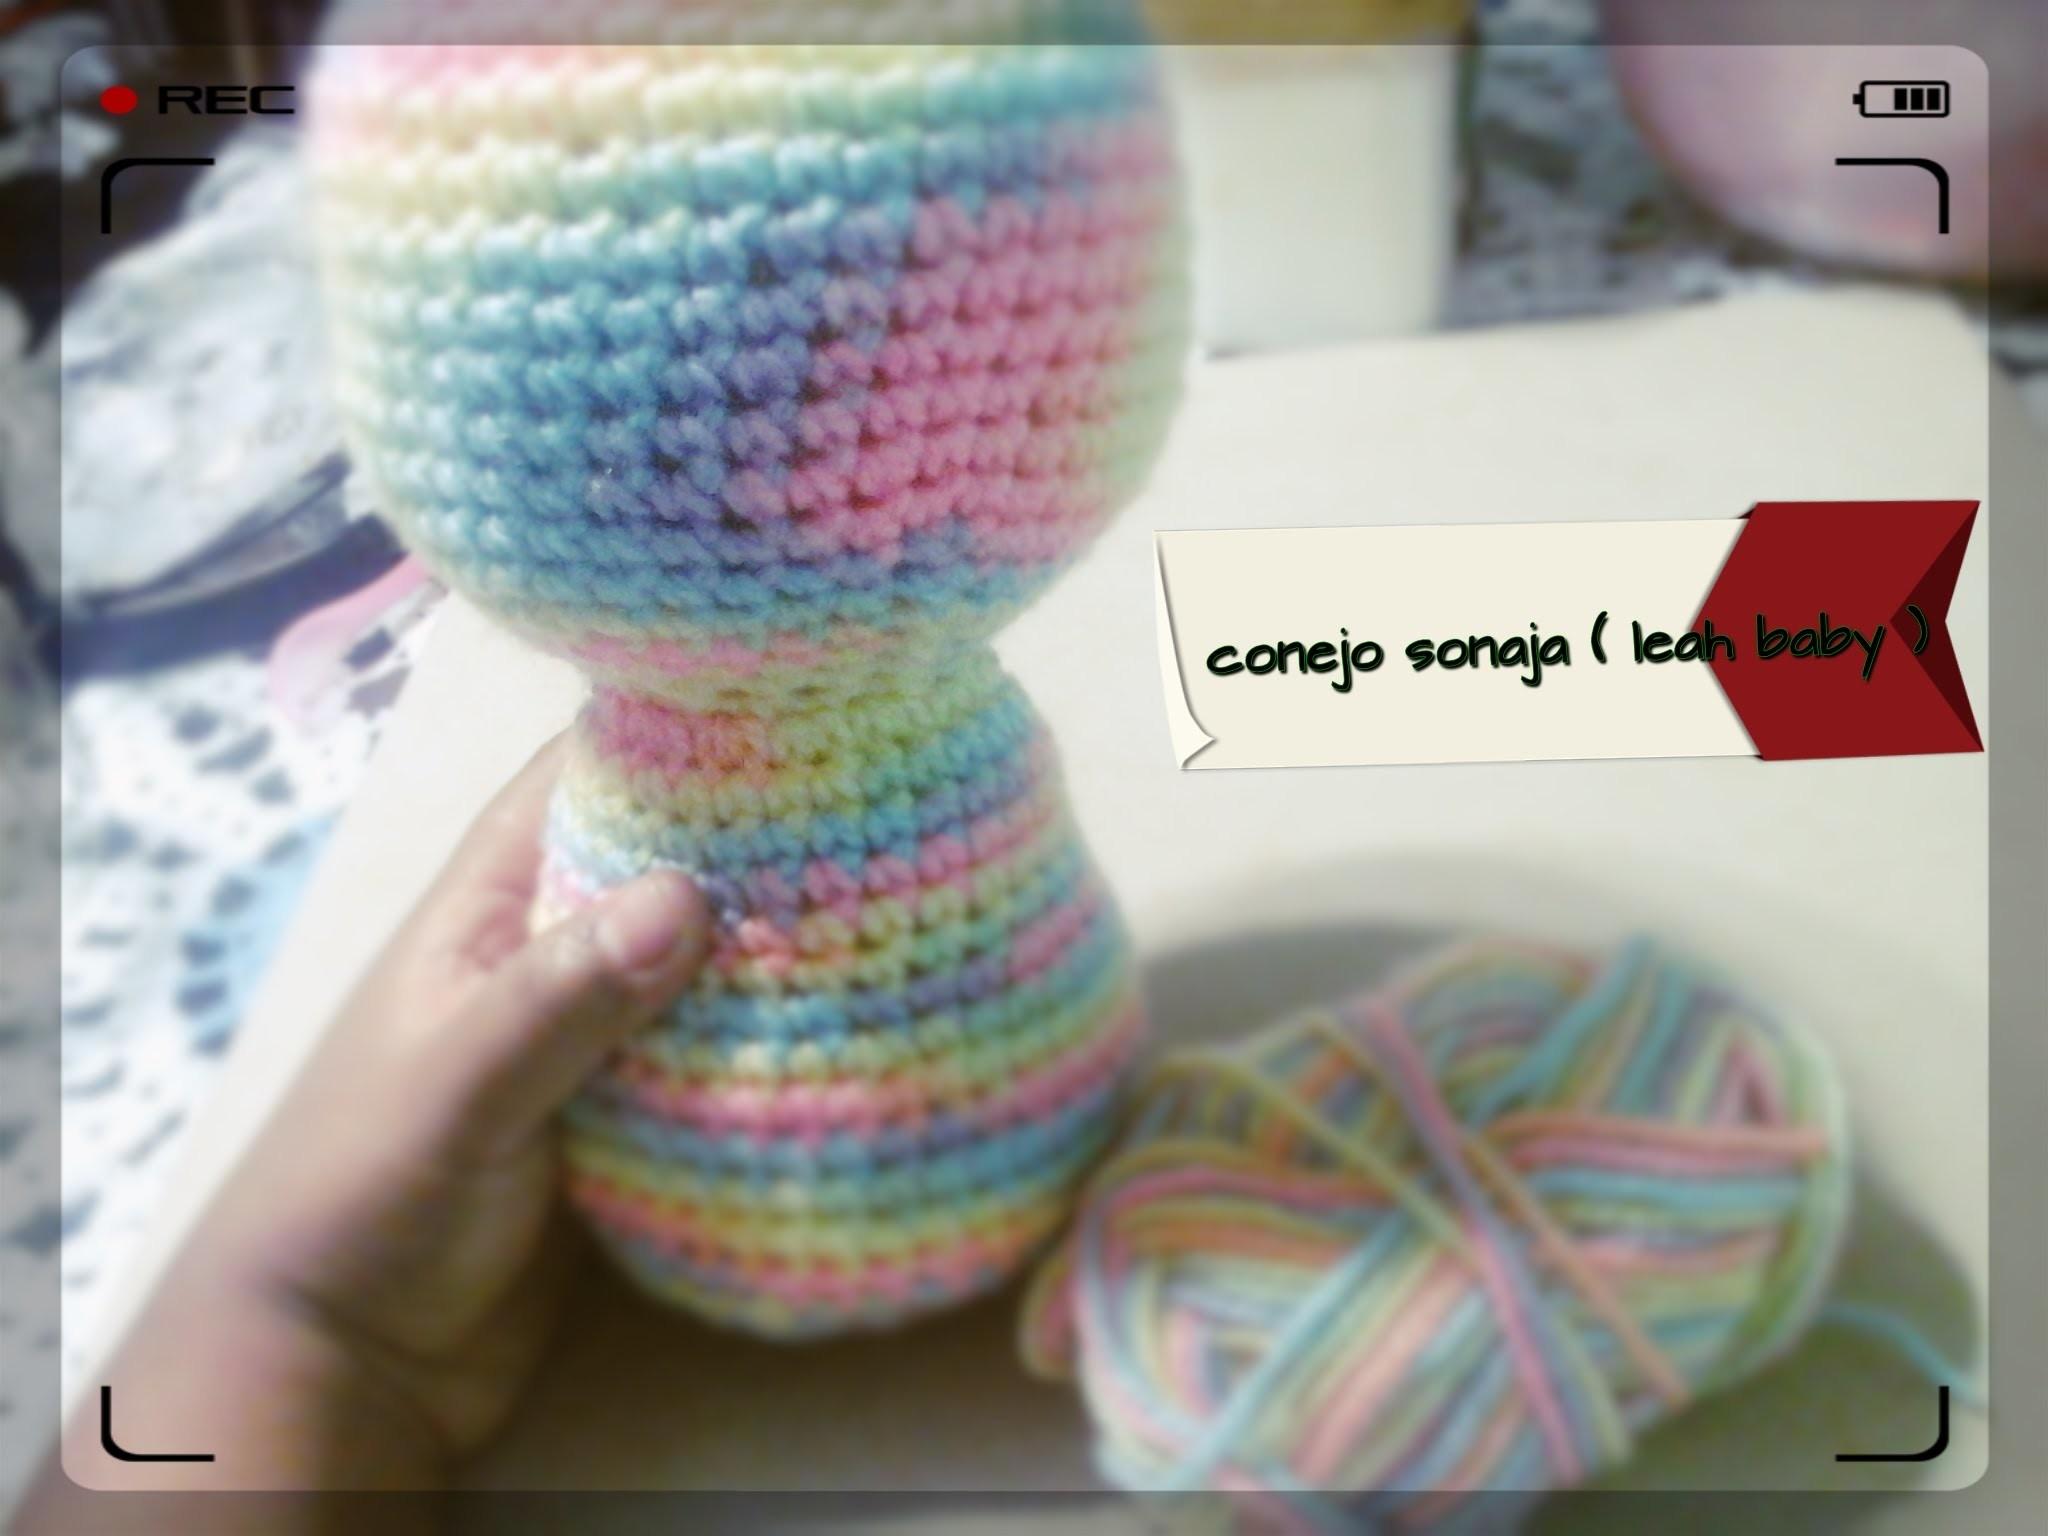 CONEJ@ SONAJA PARTE 1 CABEZA Y CUERPO ( leah baby) DE TODO !!! recetas reciclaje y crochet